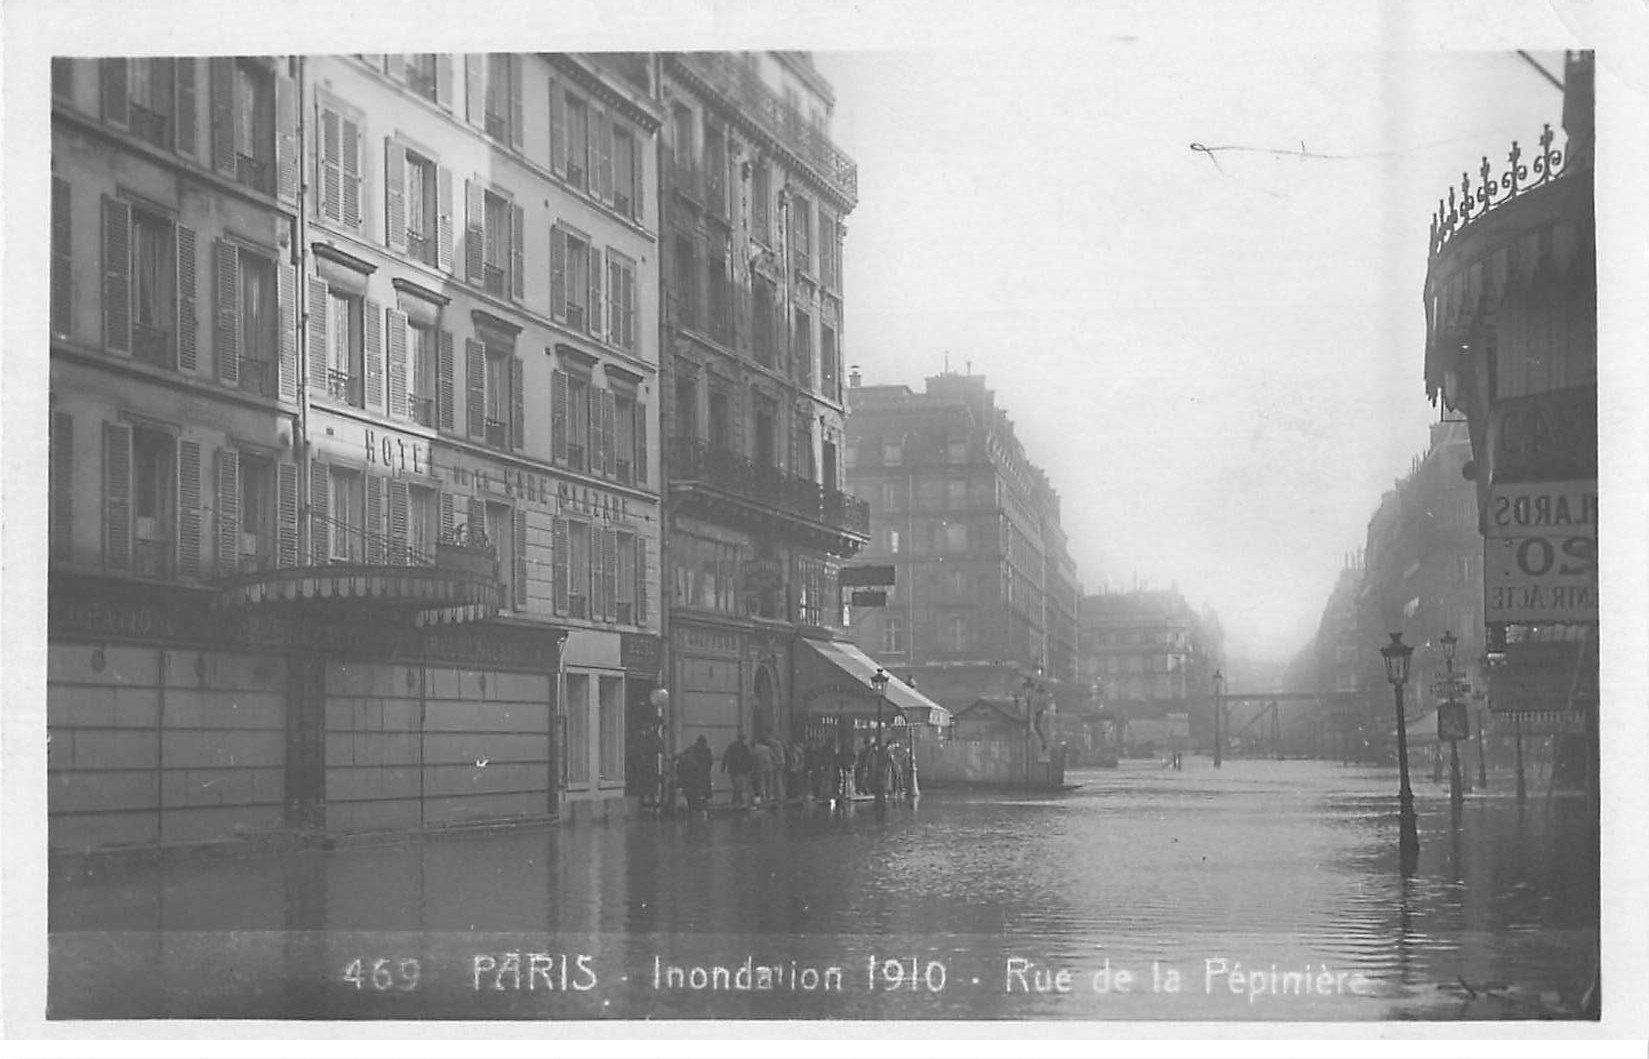 Inondation et Crue de PARIS 1910. Hôtel Gare St-Lazare Rue Pépinière. Carte Photo